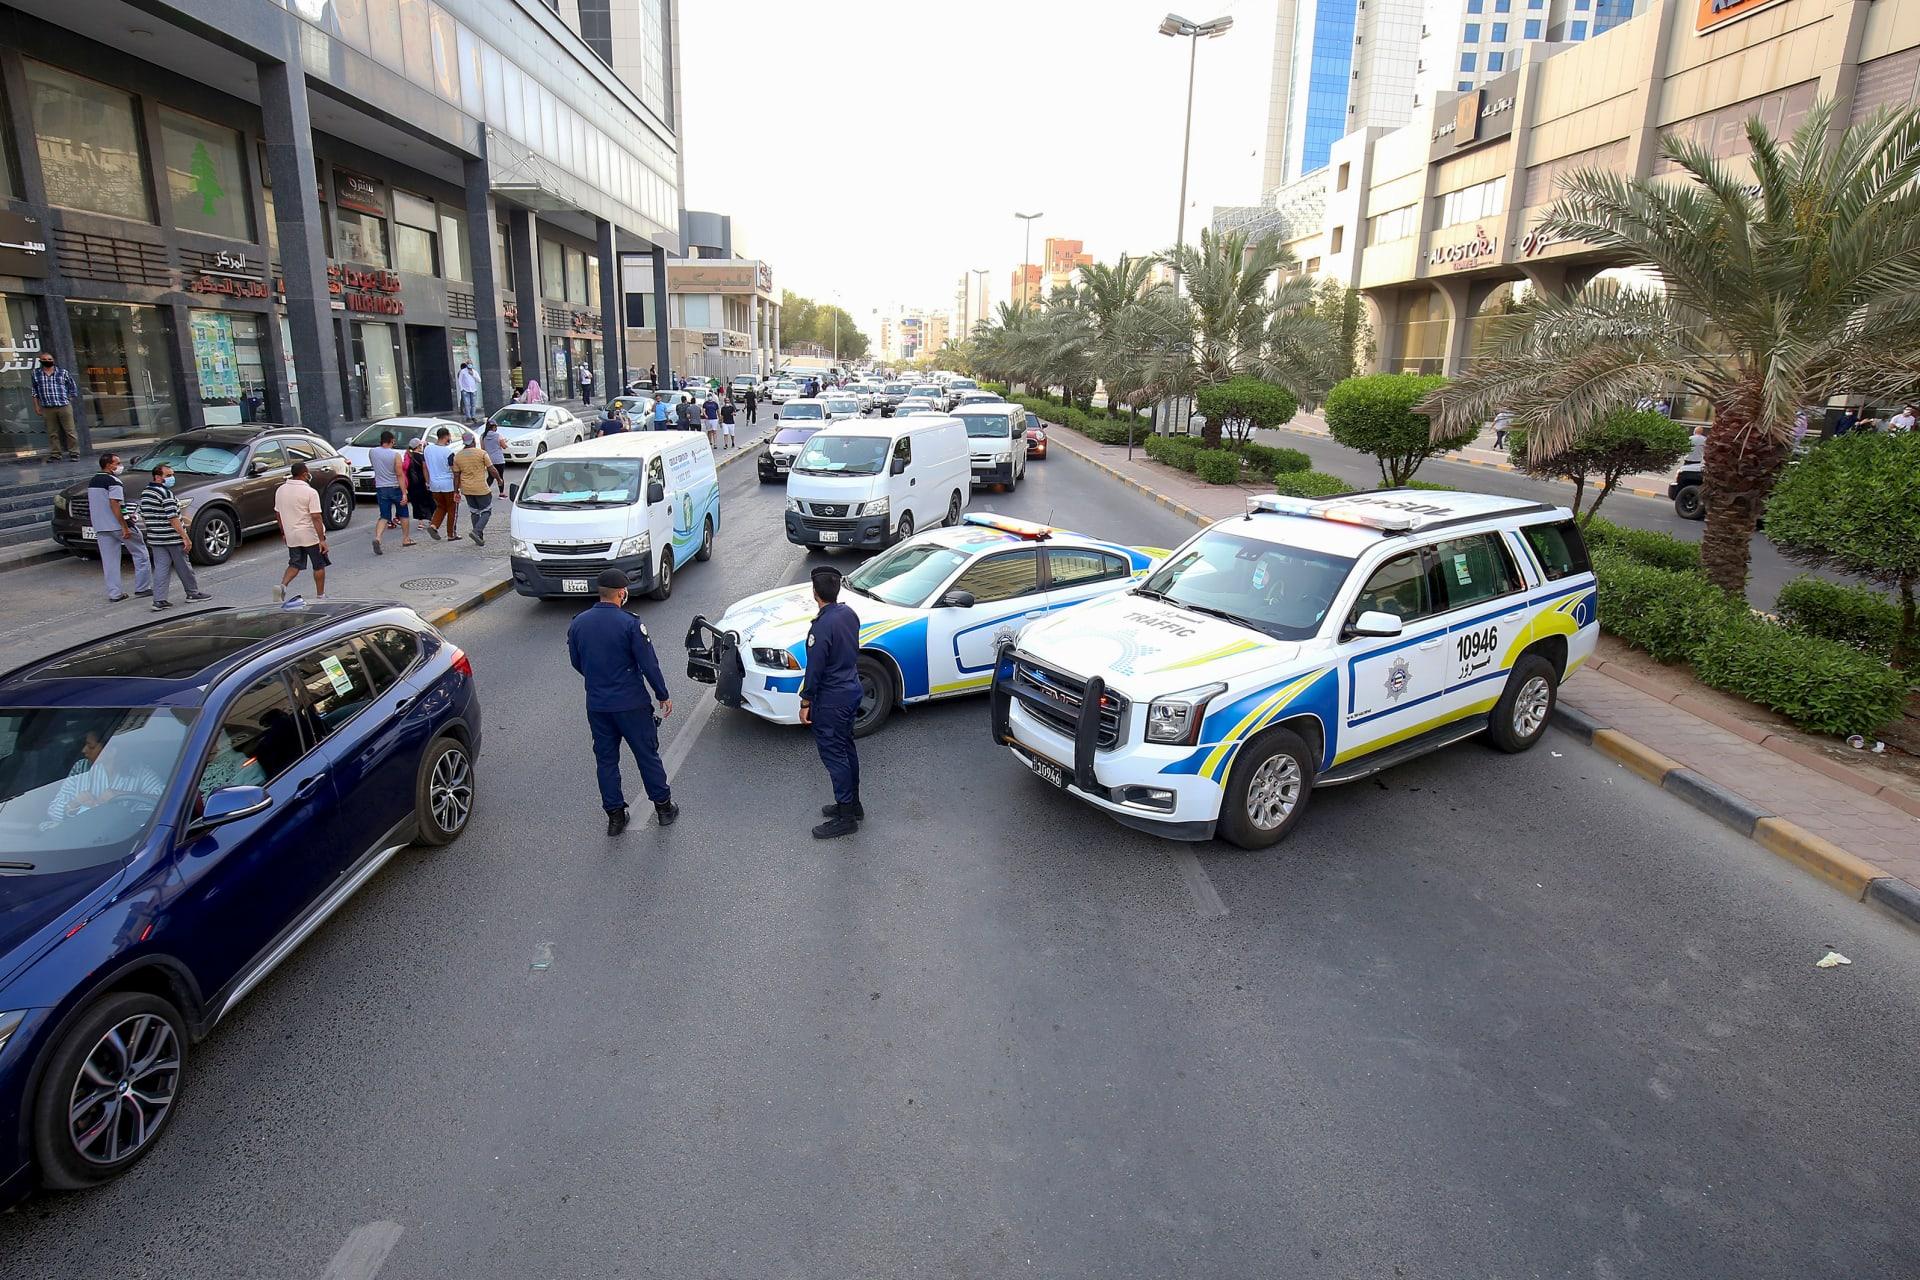 """الداخلية الكويتية: ضبط أسلحة وذخائر بحوزة 3 أشخاص """"يحملون الفكر المتطرف"""""""